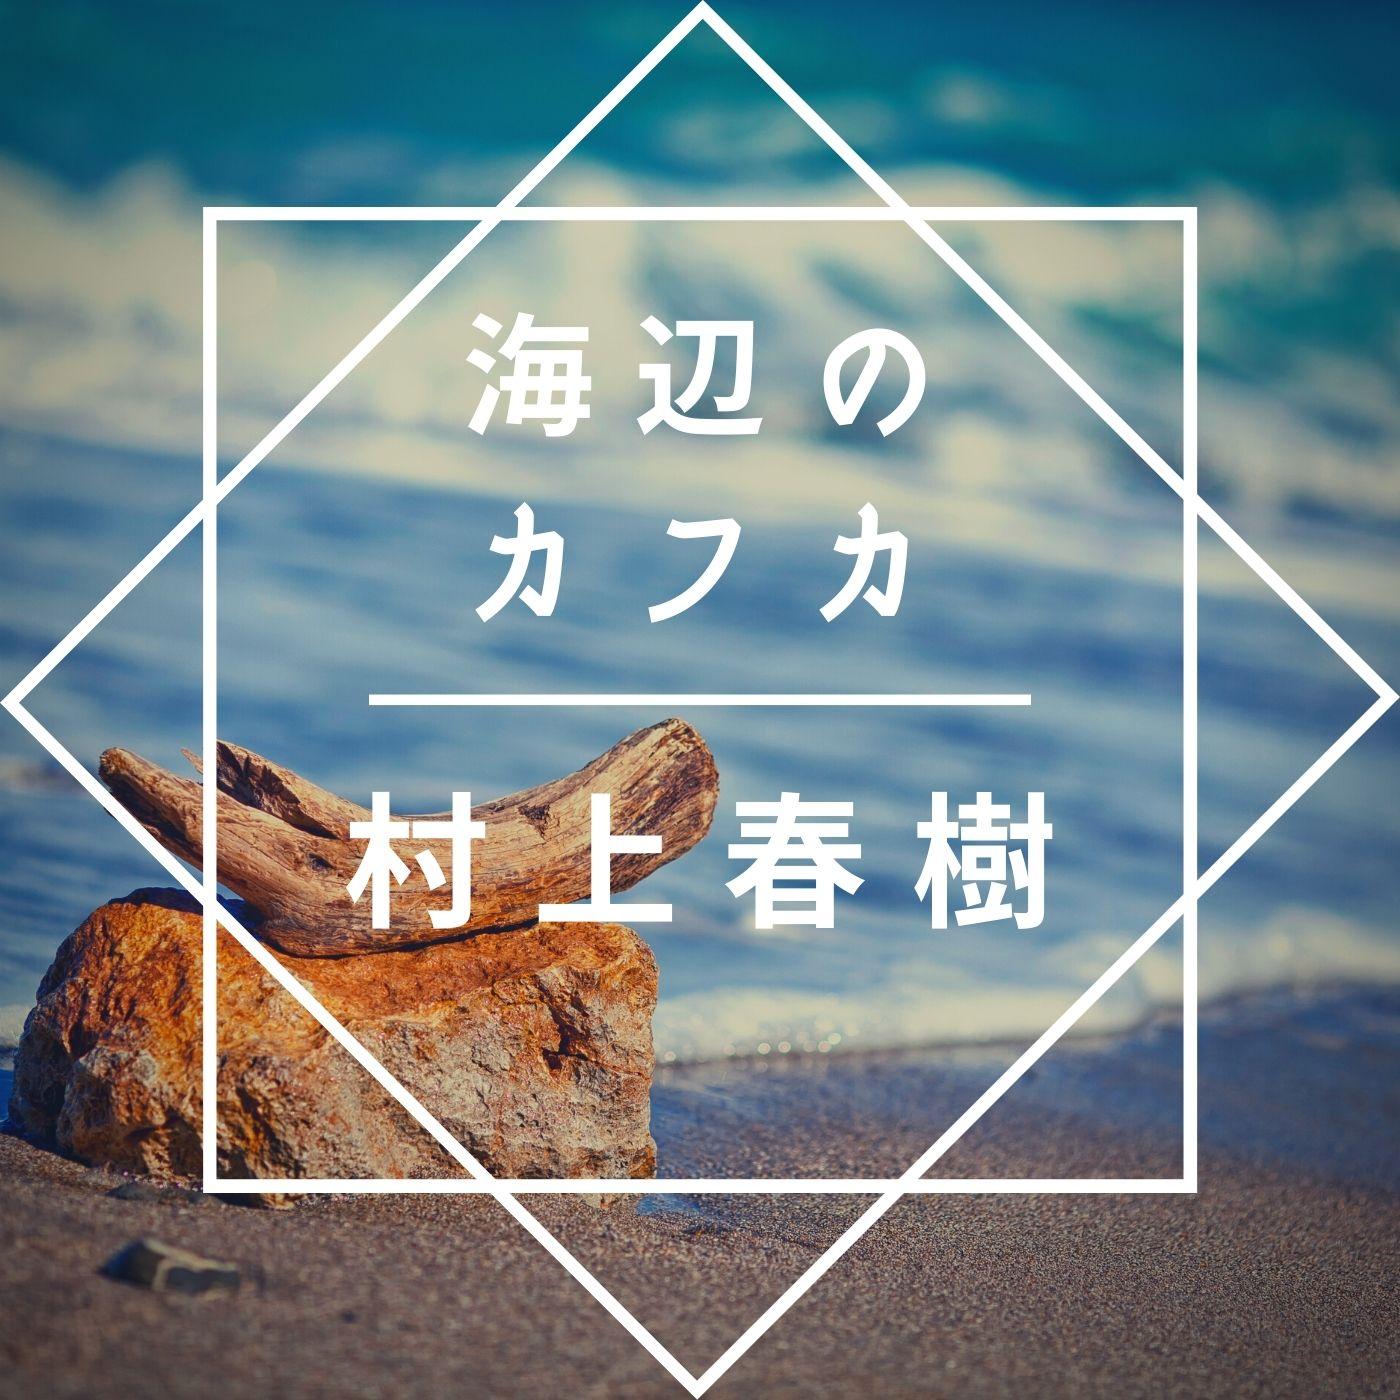 海辺のカフカ 村上春樹